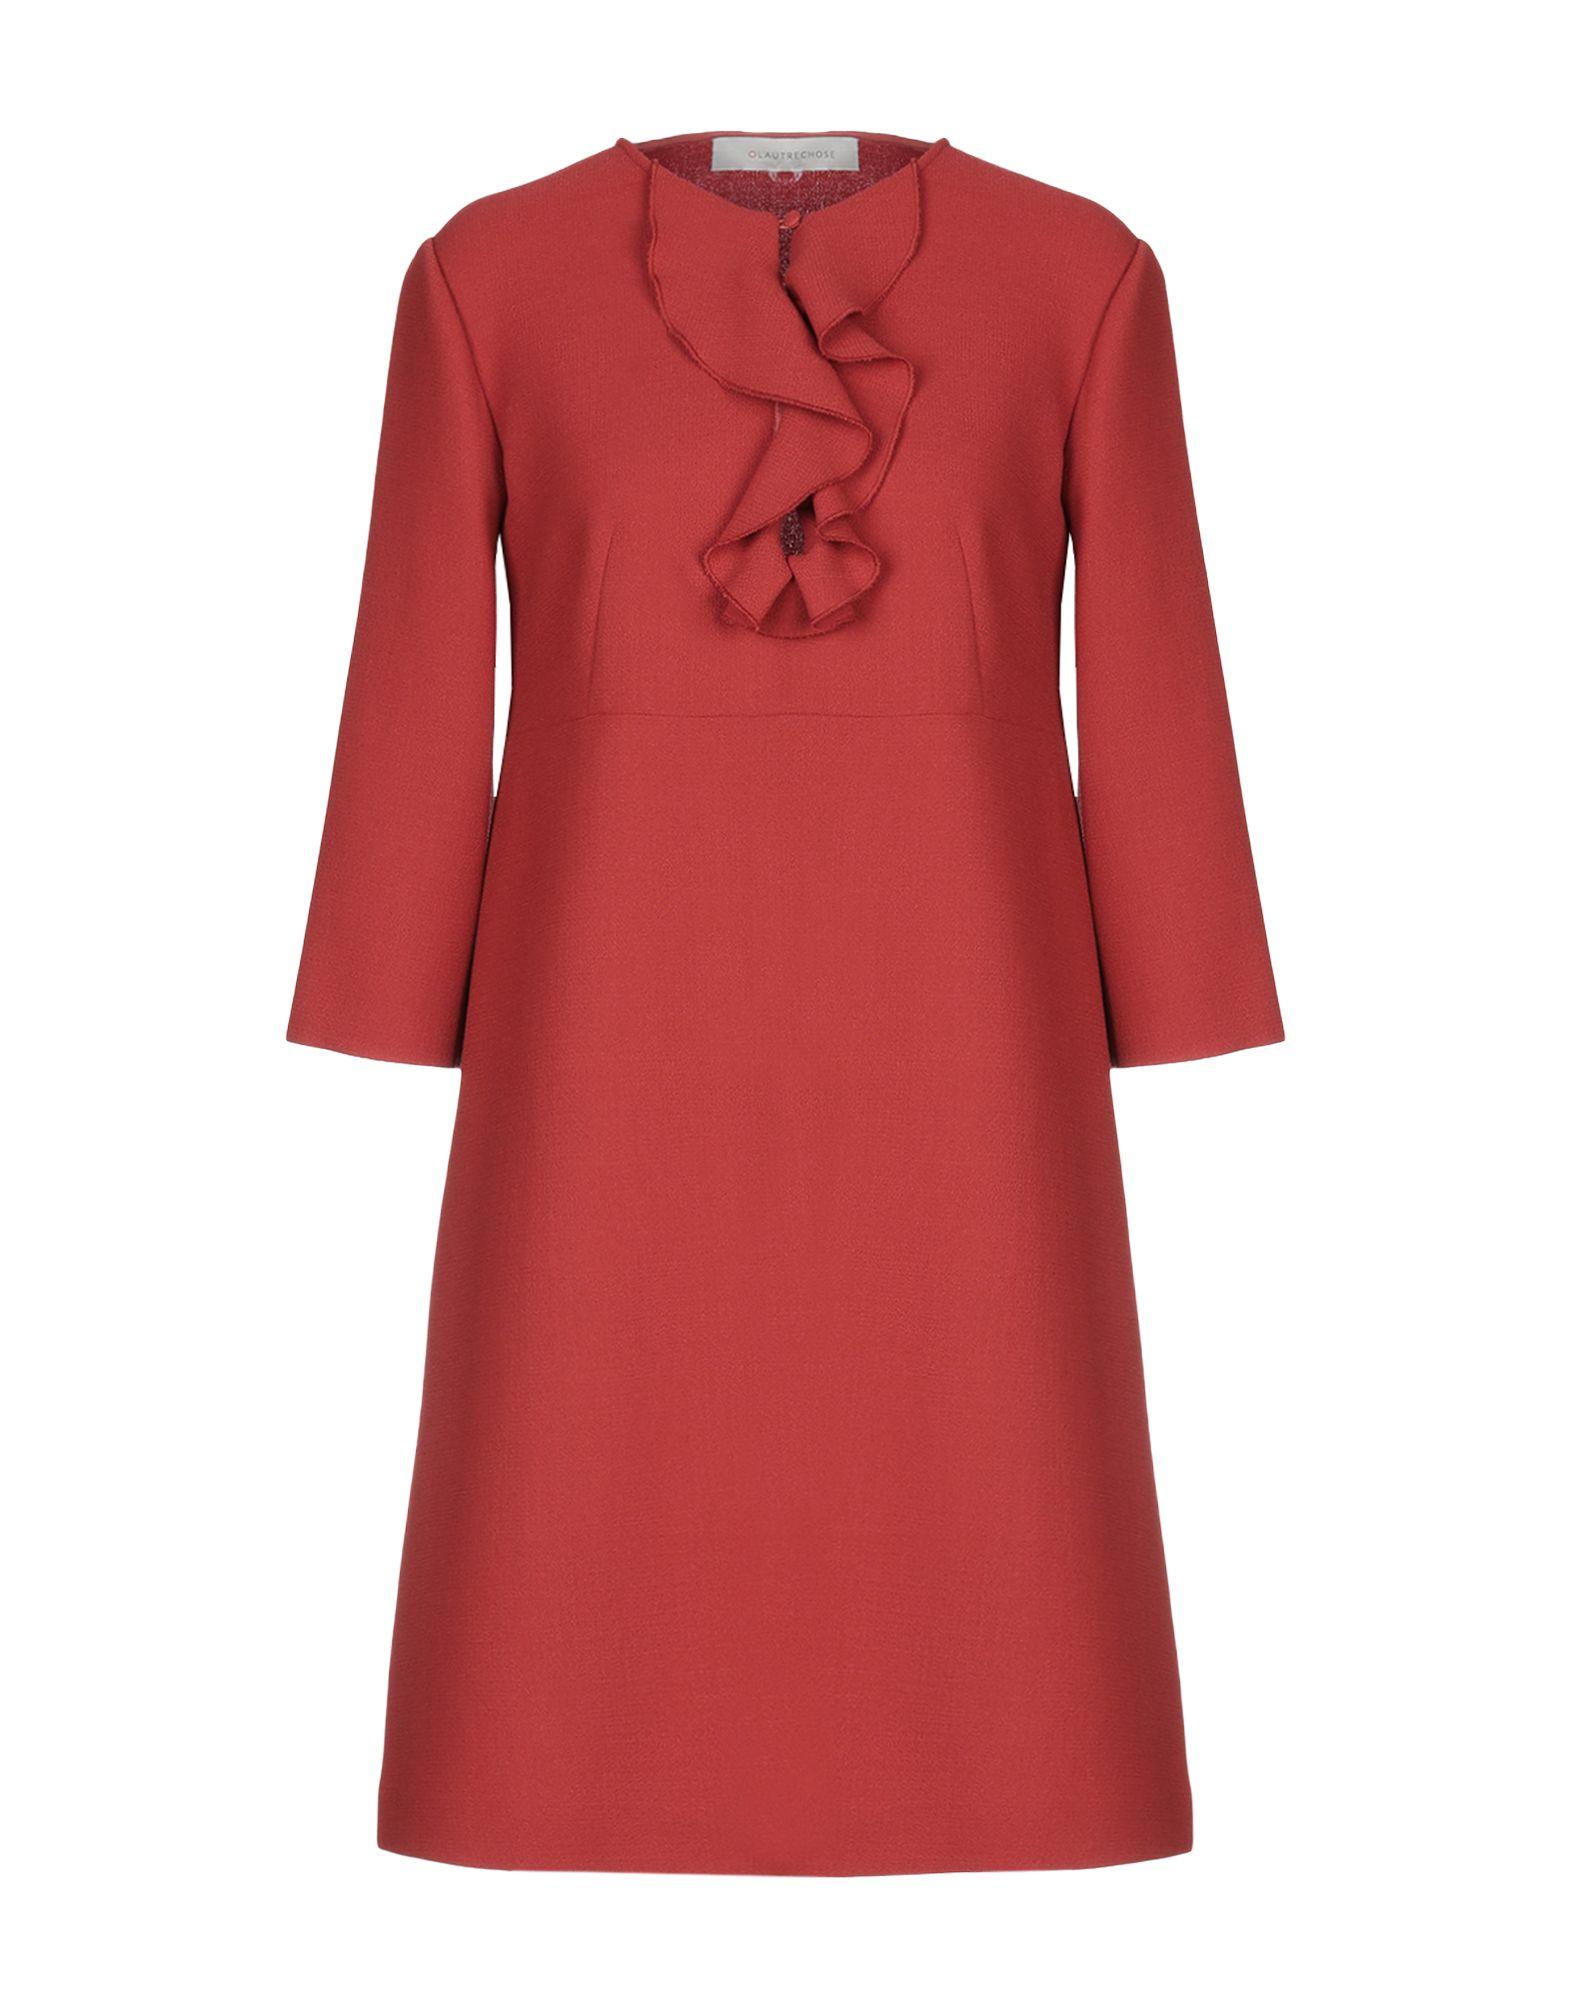 Короткое платье  Красный,Розовый цвета